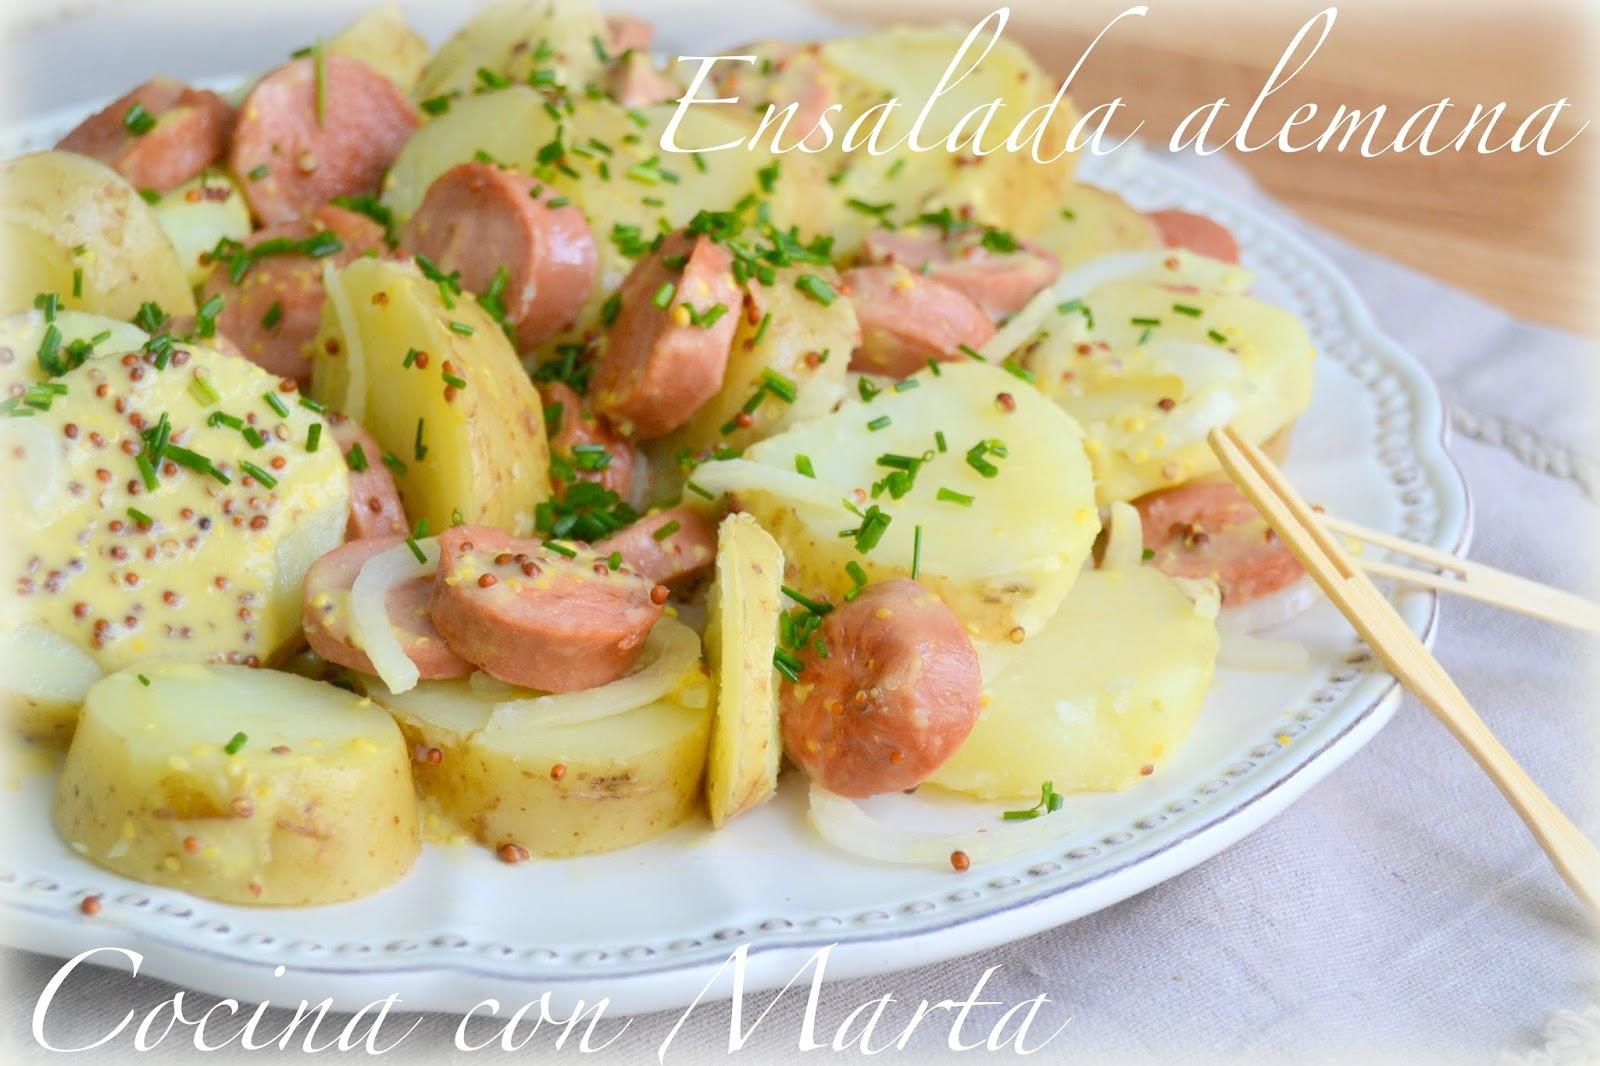 Ensalada alemana 2 hogar cocina facil - Comidas rapidas y baratas ...